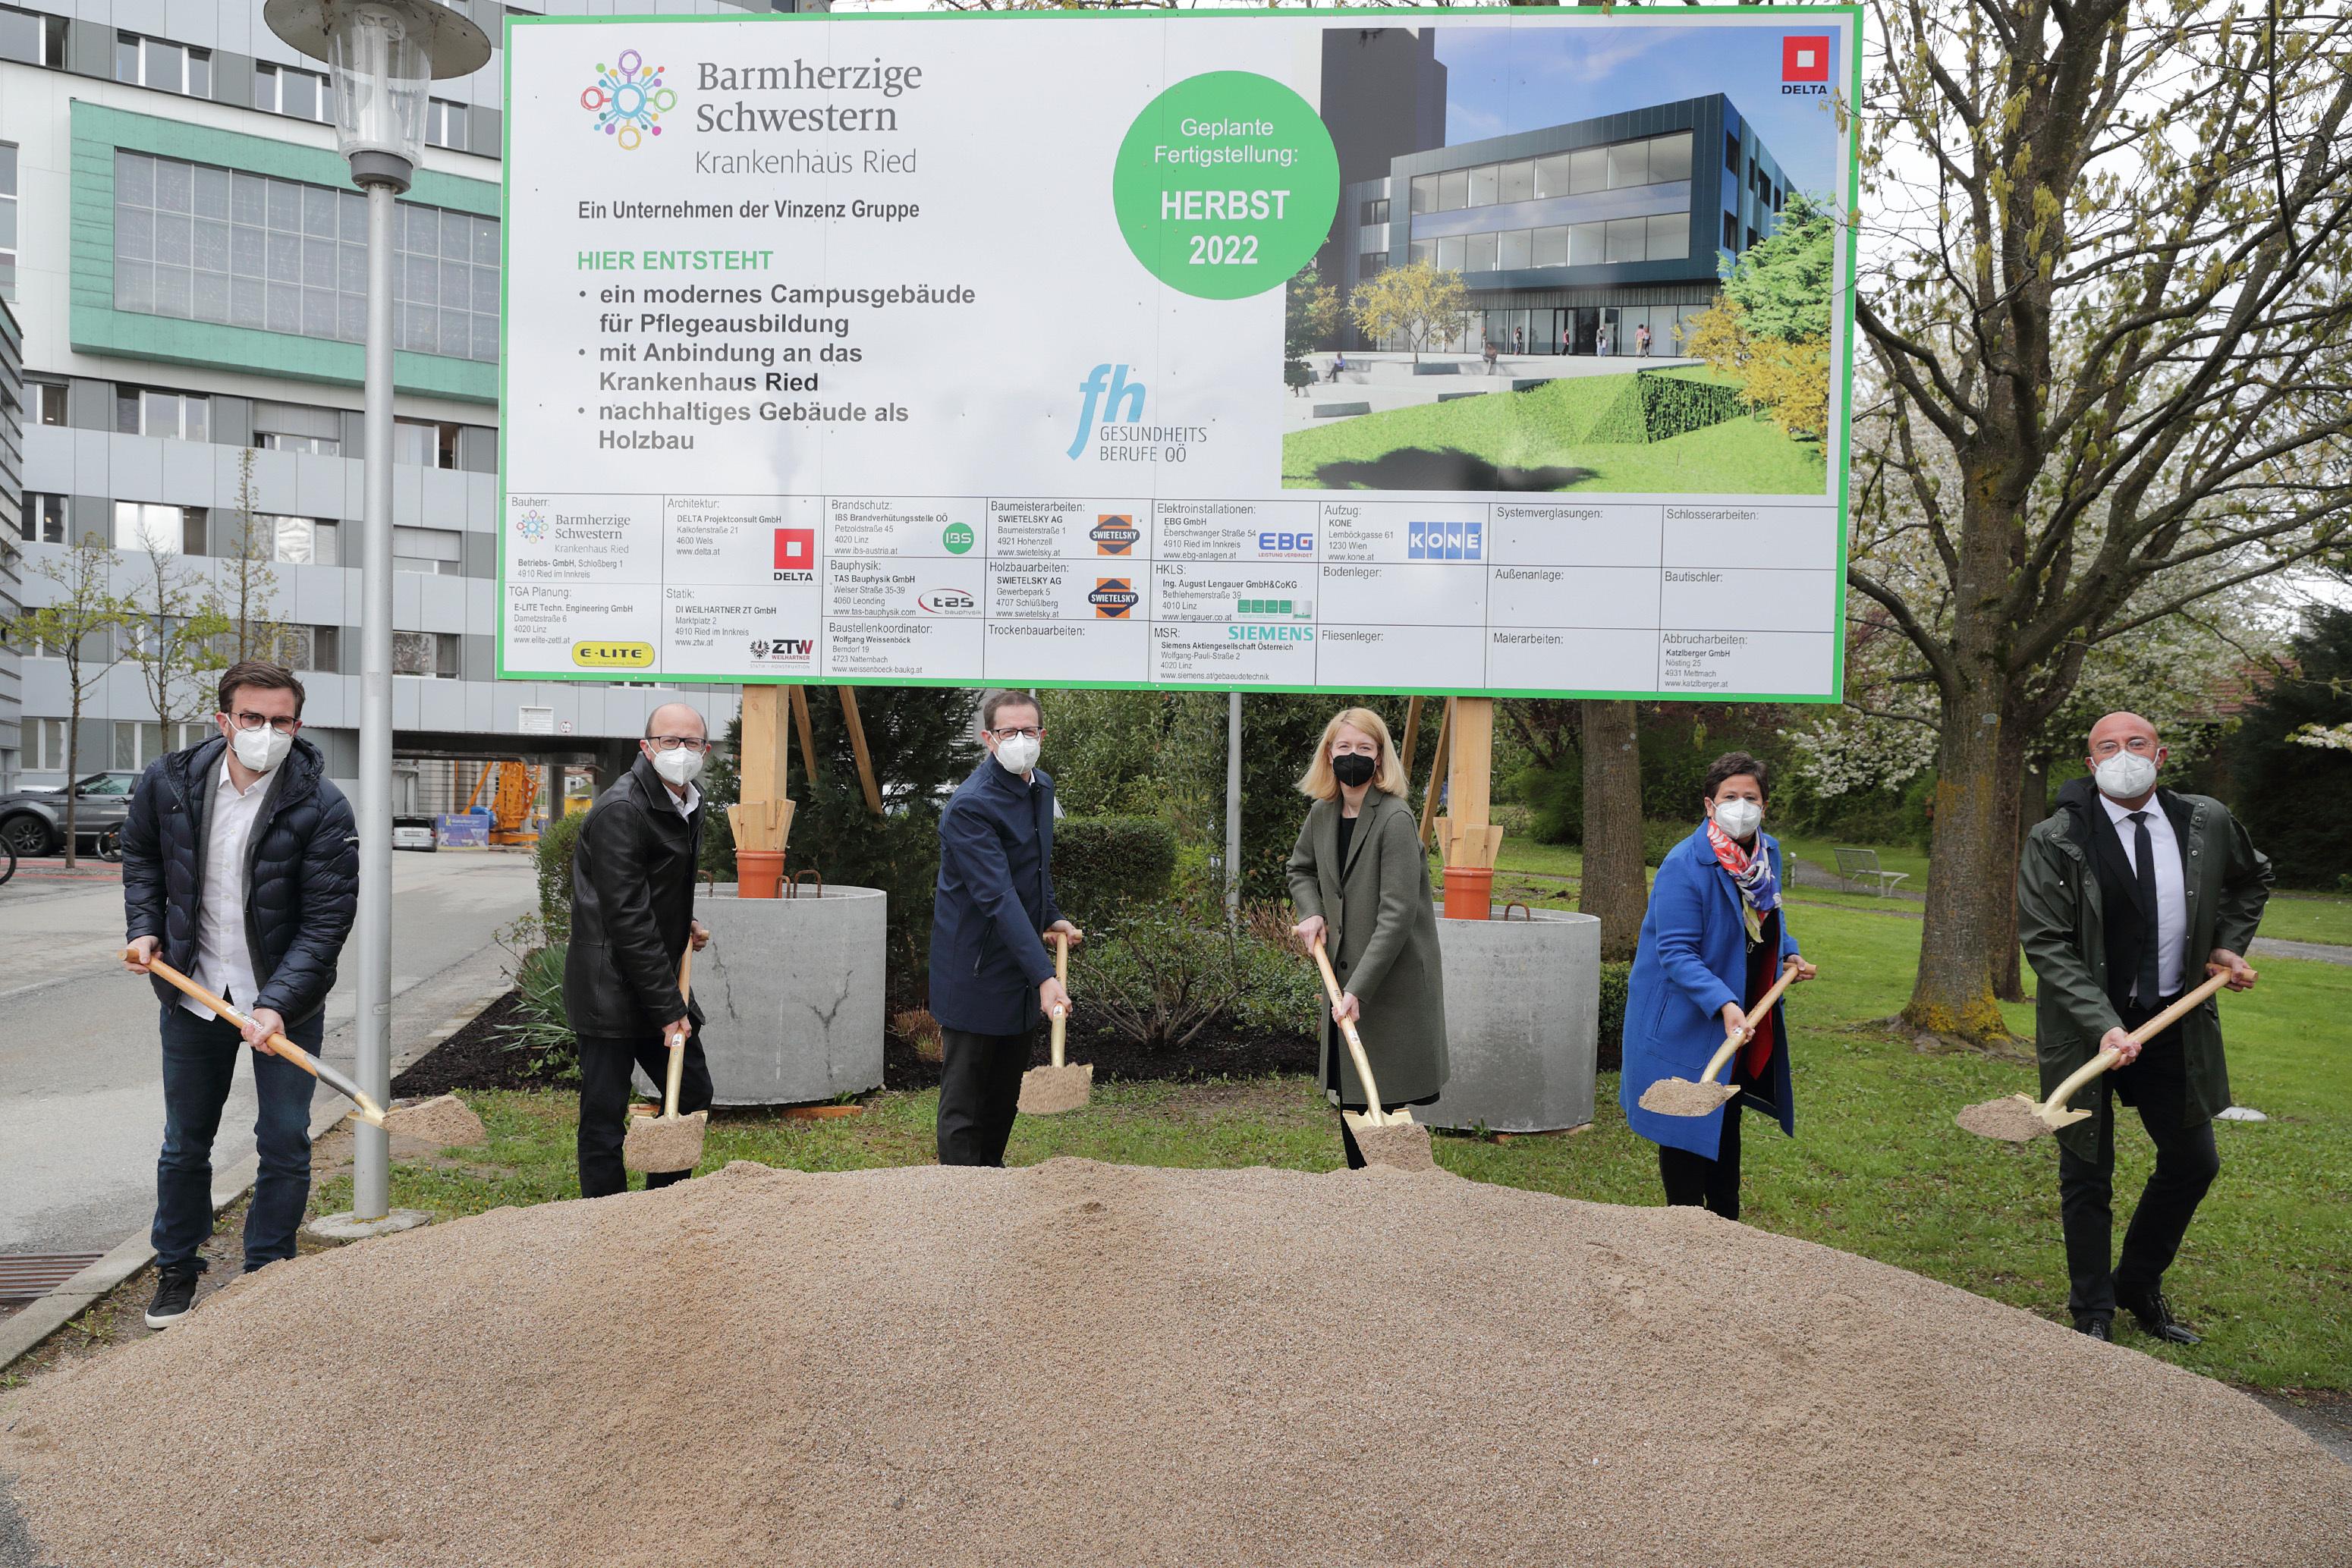 Spatenstich für neues Campusgebäude in Ried